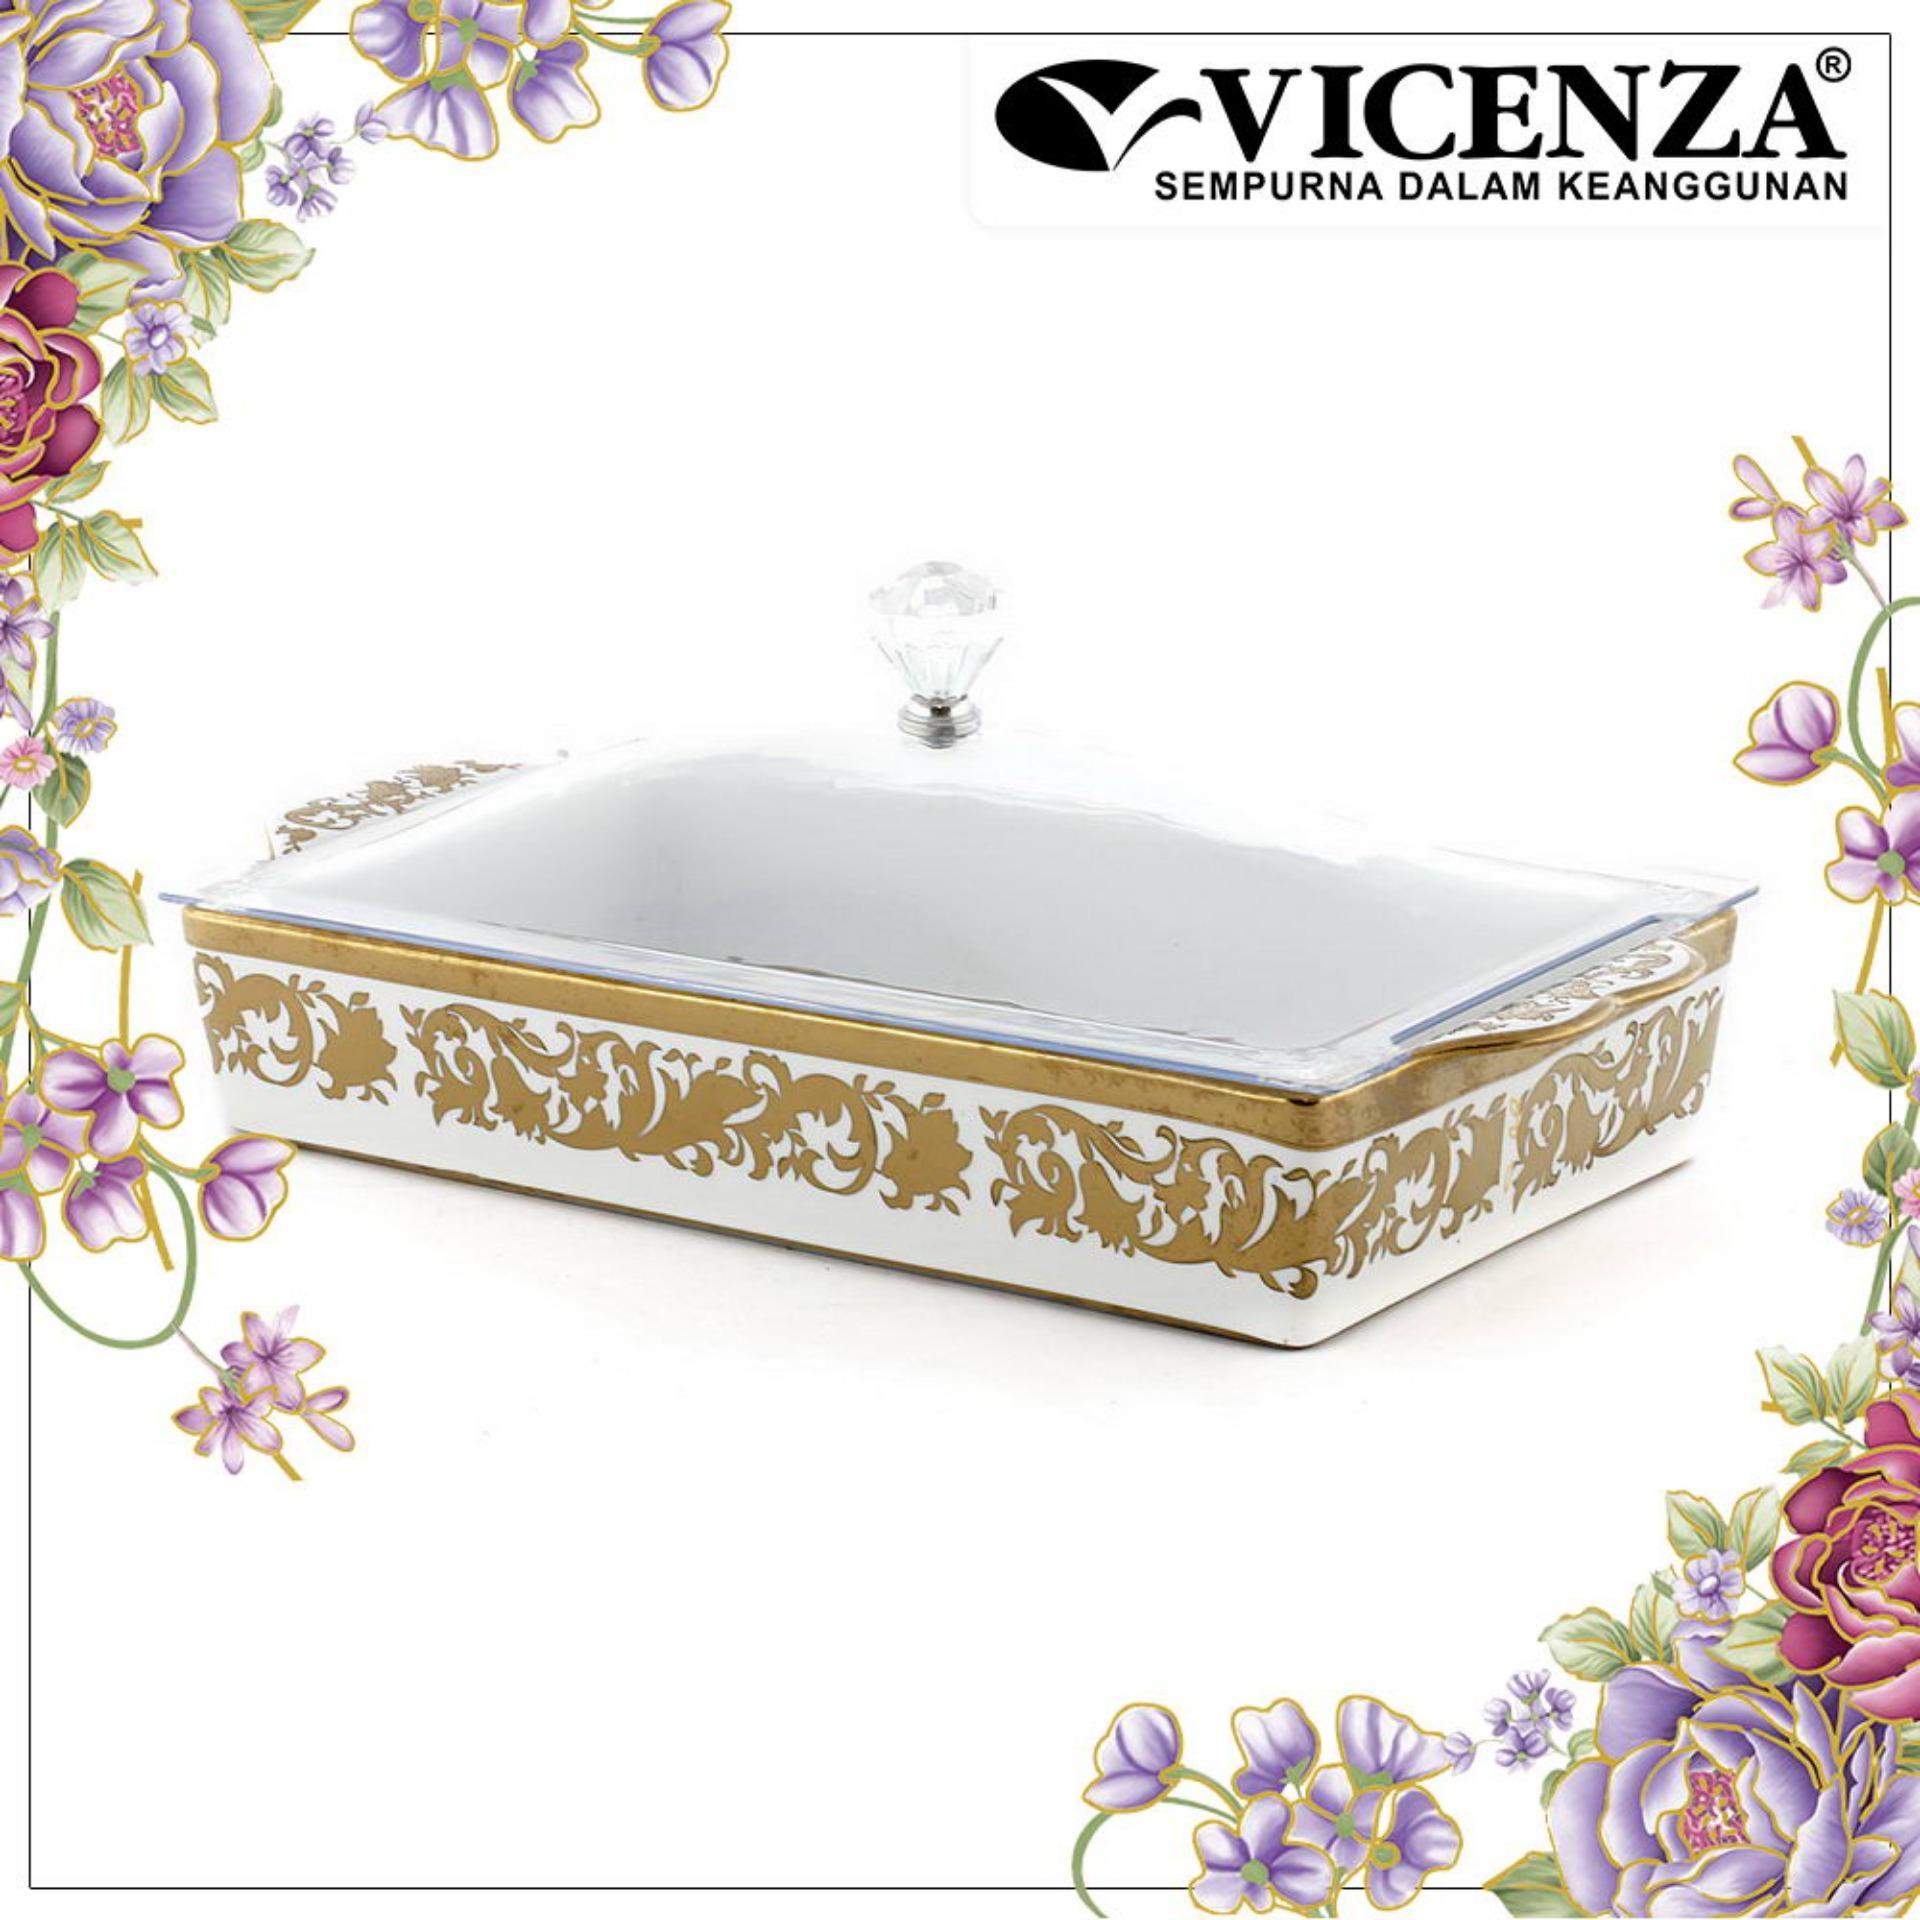 Beli Vicenza Tableware Crp138 Tempat Kue Persegi Square Cake Plate Lengkap